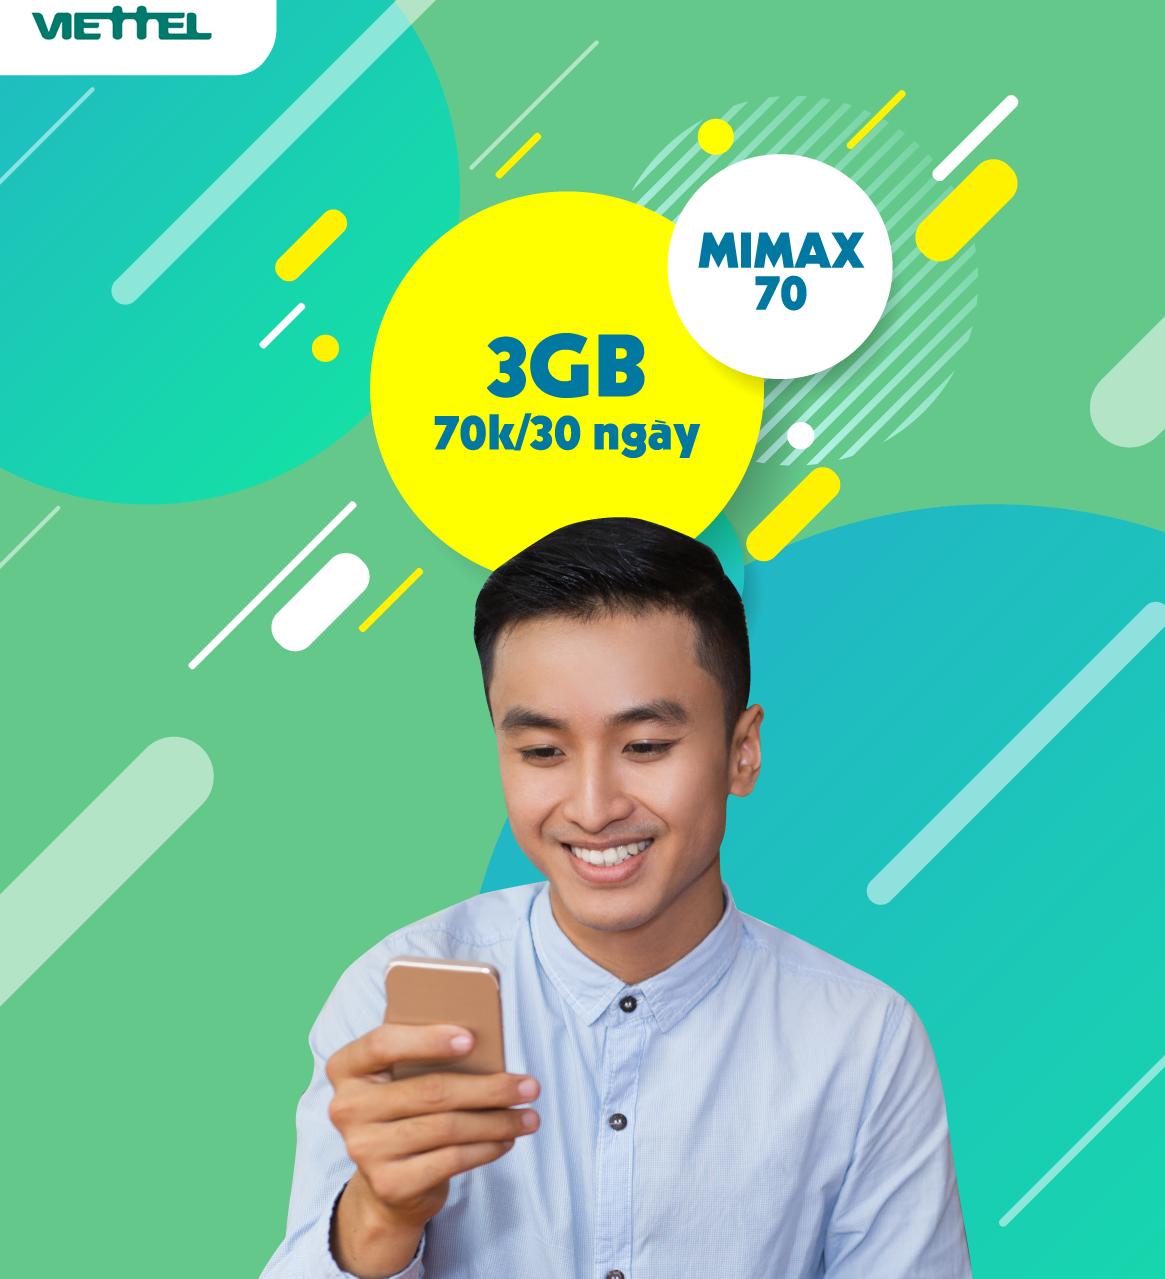 Miễn phí Data cả tháng Gói Mimax70 Viettel